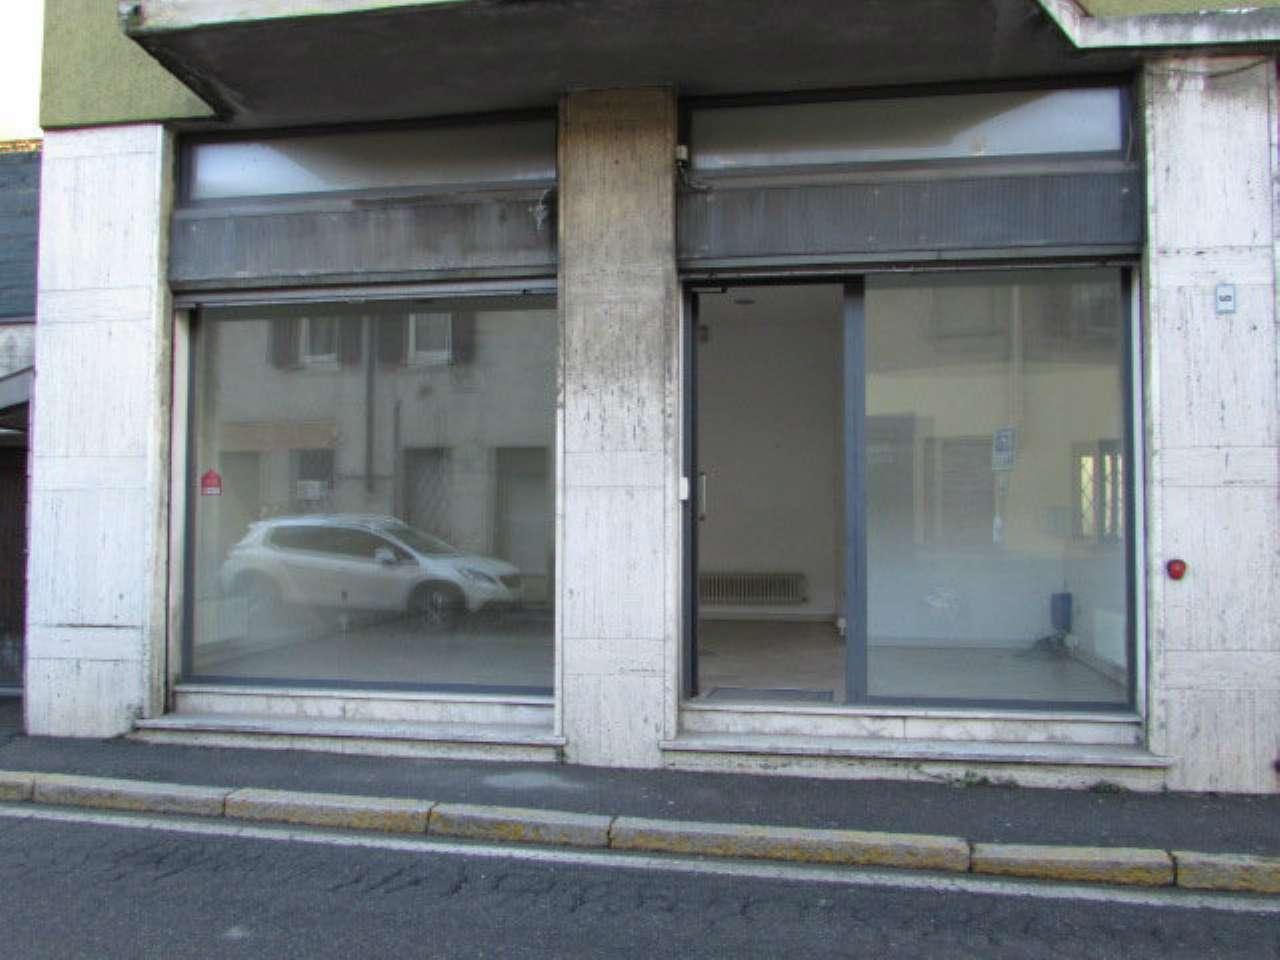 Negozio / Locale in vendita a Cantù, 2 locali, prezzo € 45.000 | PortaleAgenzieImmobiliari.it